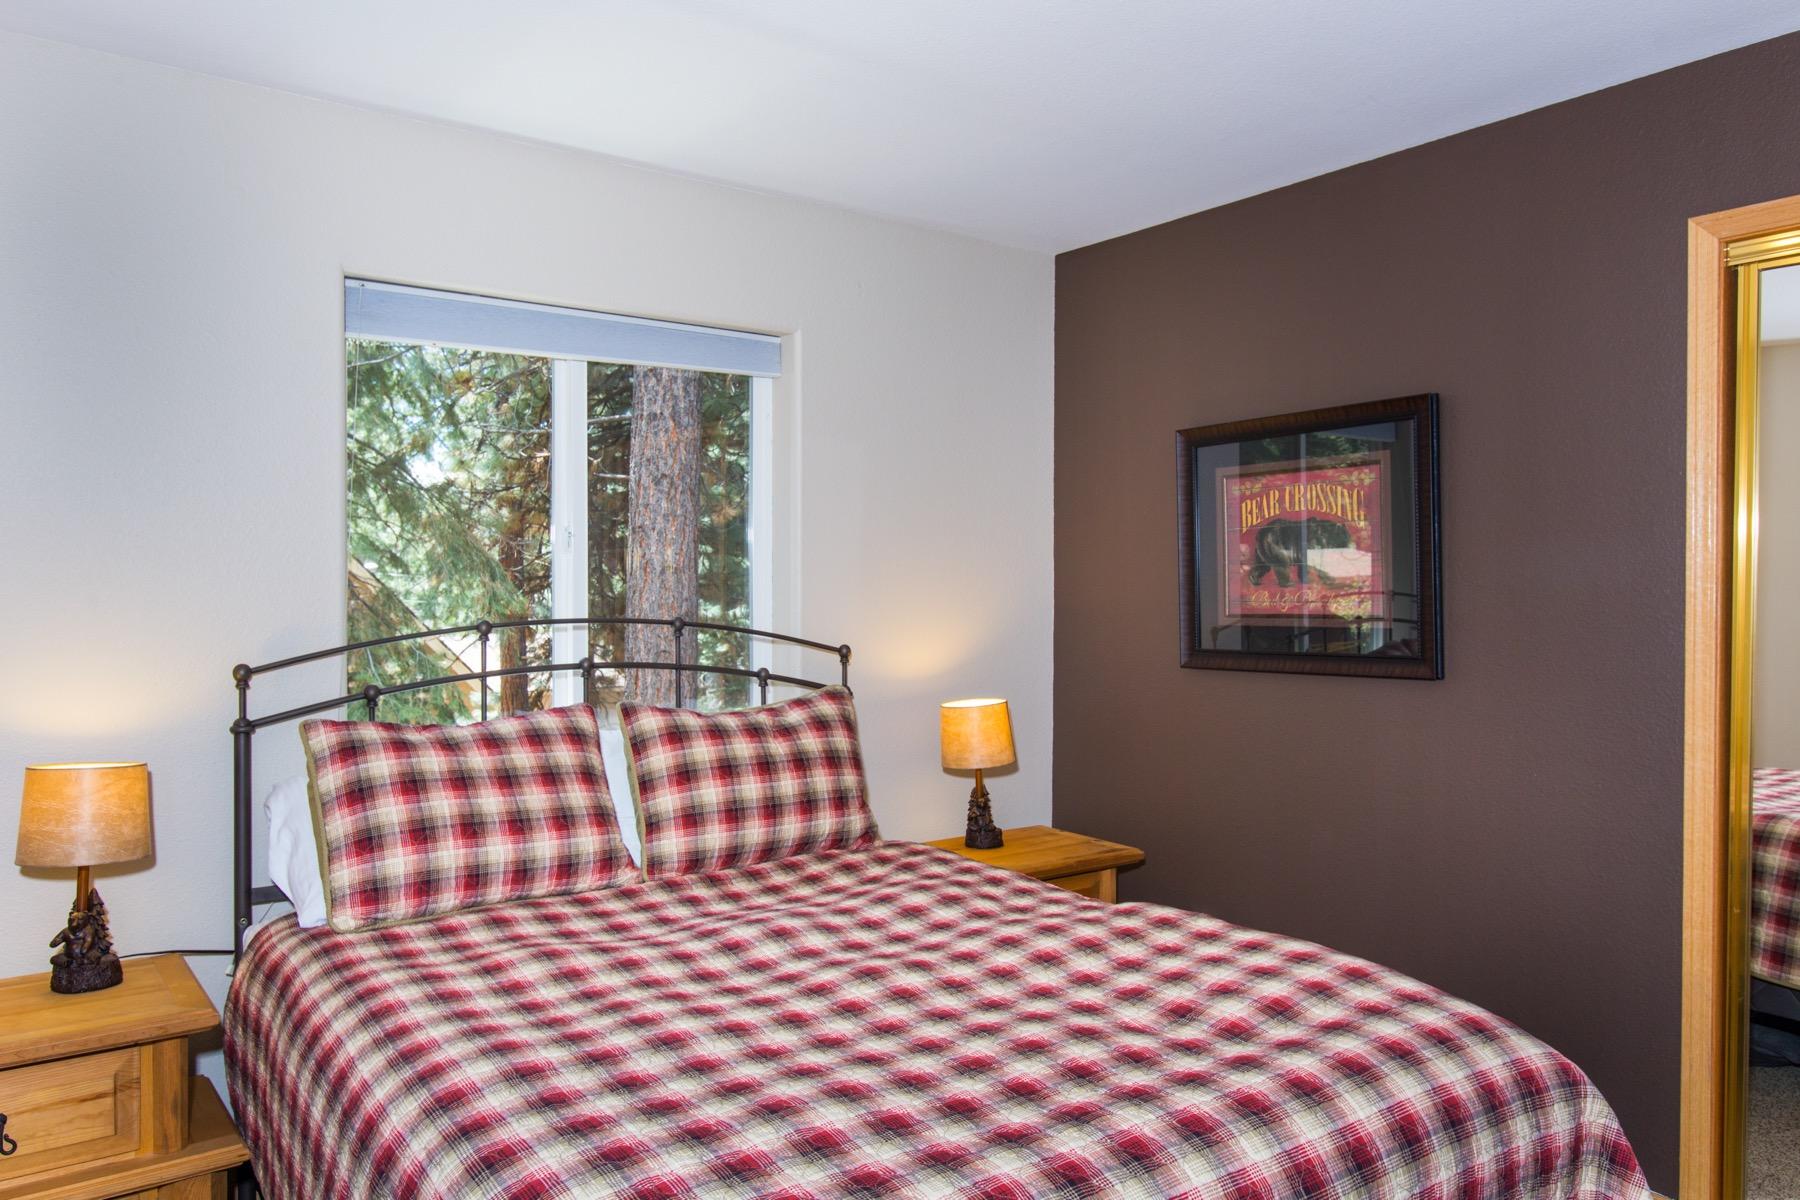 The queen bed in the third bedroom